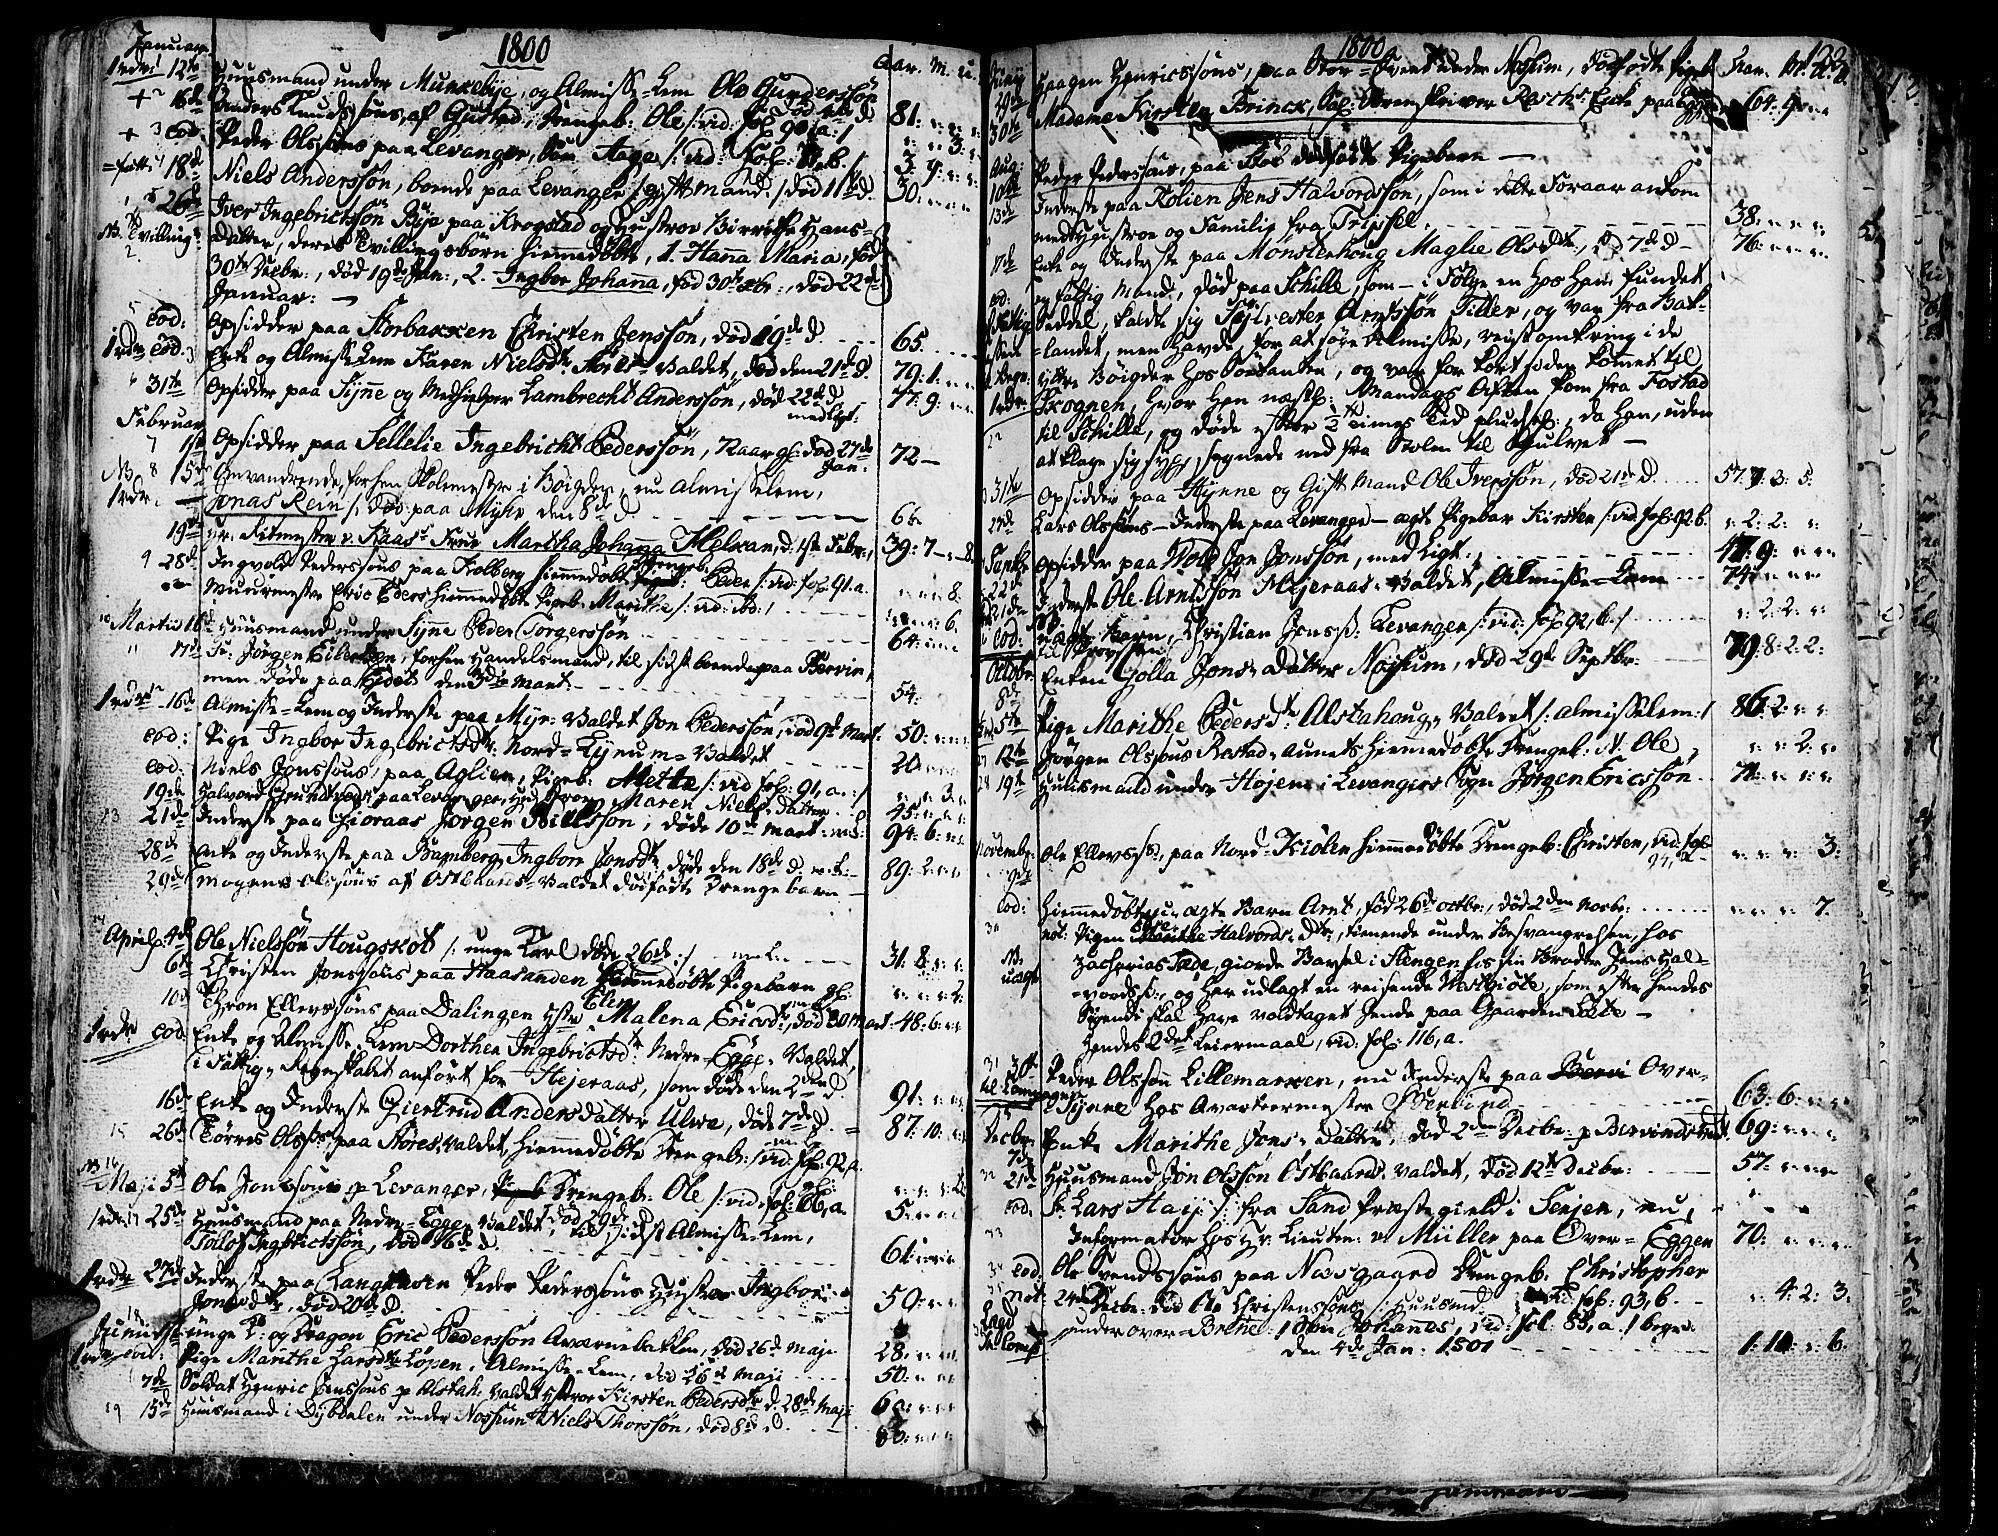 SAT, Ministerialprotokoller, klokkerbøker og fødselsregistre - Nord-Trøndelag, 717/L0142: Ministerialbok nr. 717A02 /1, 1783-1809, s. 122